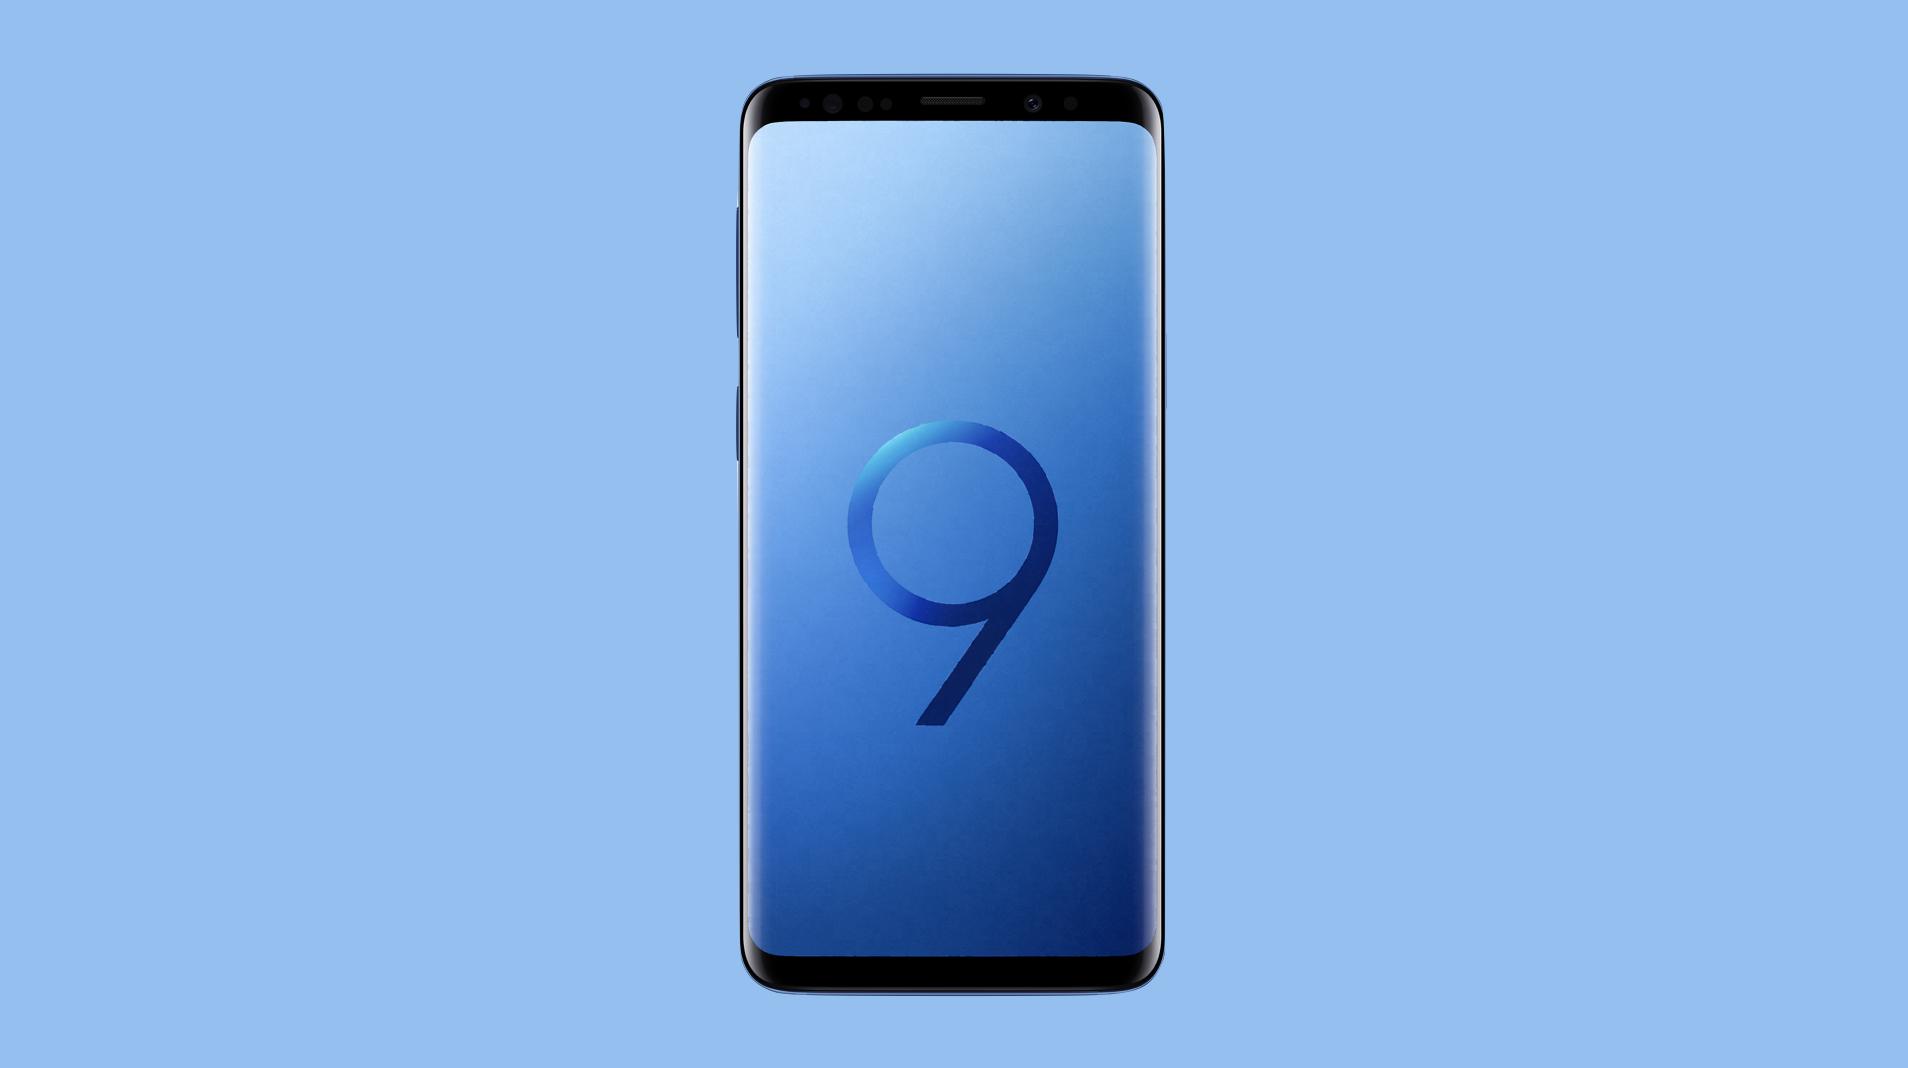 Samsung Annonce Le Galaxy S9 Voici Ses 4 Principales Nouveautes